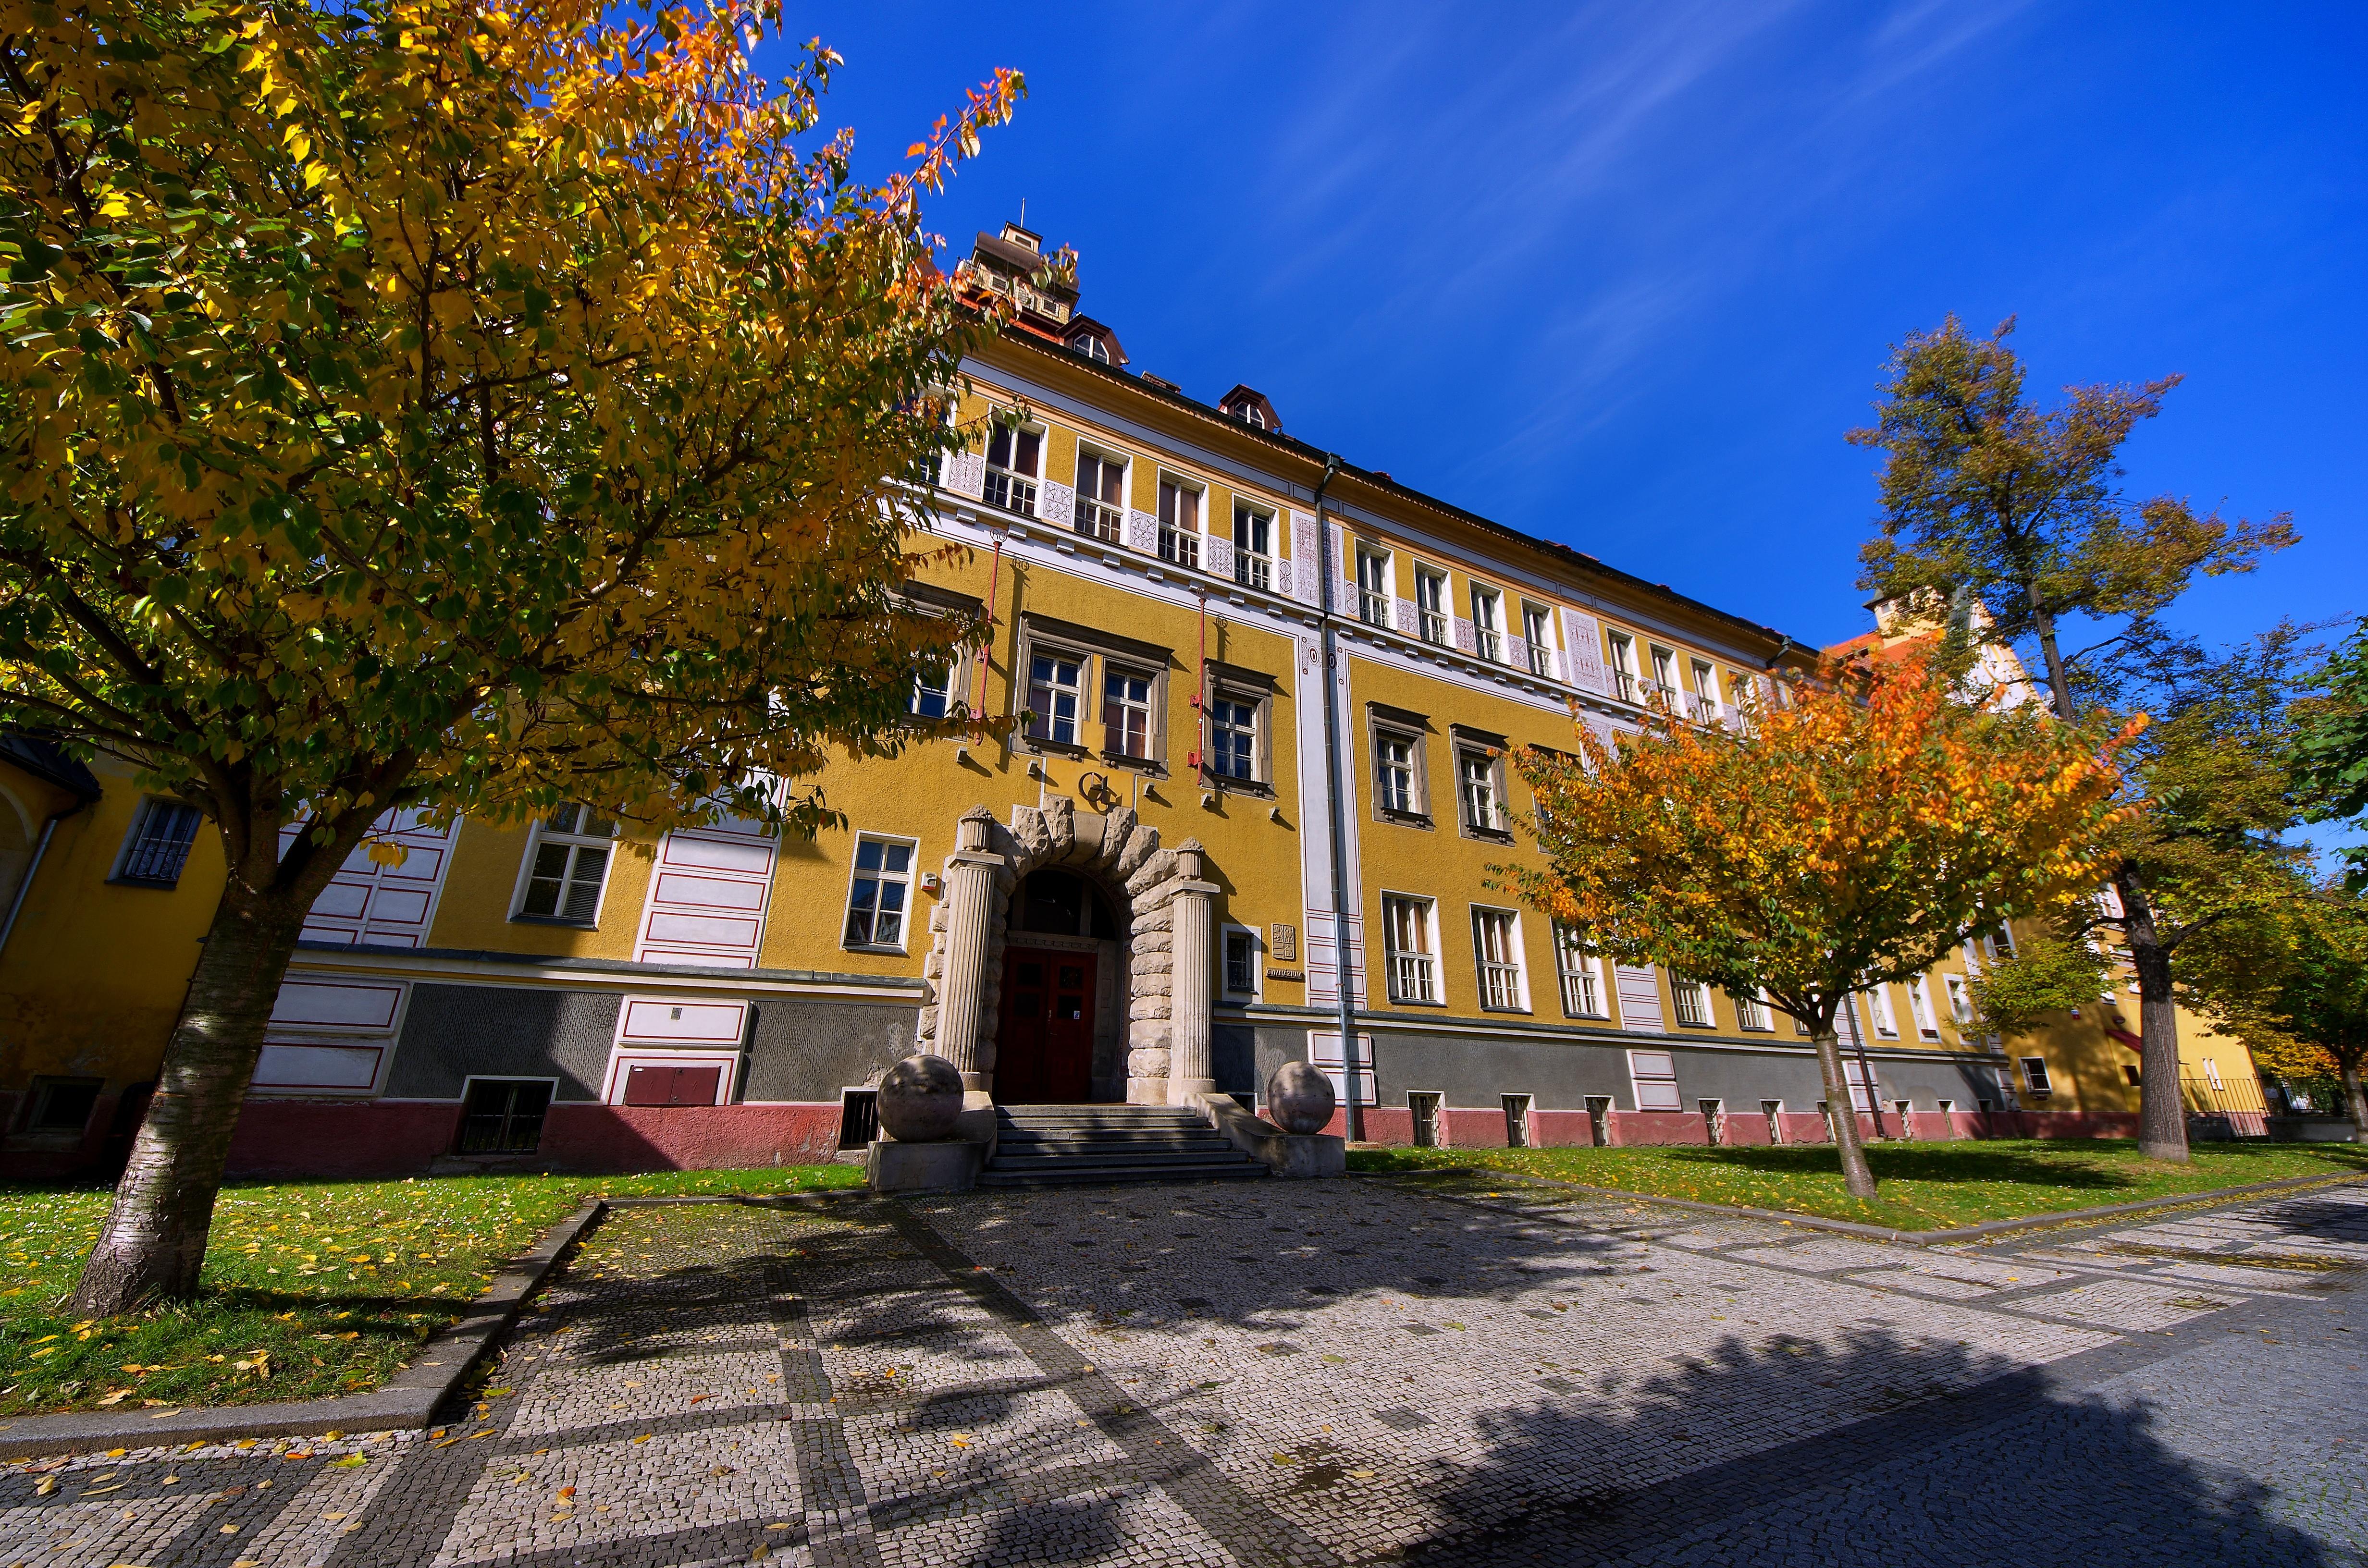 budova_podzim1.jpg